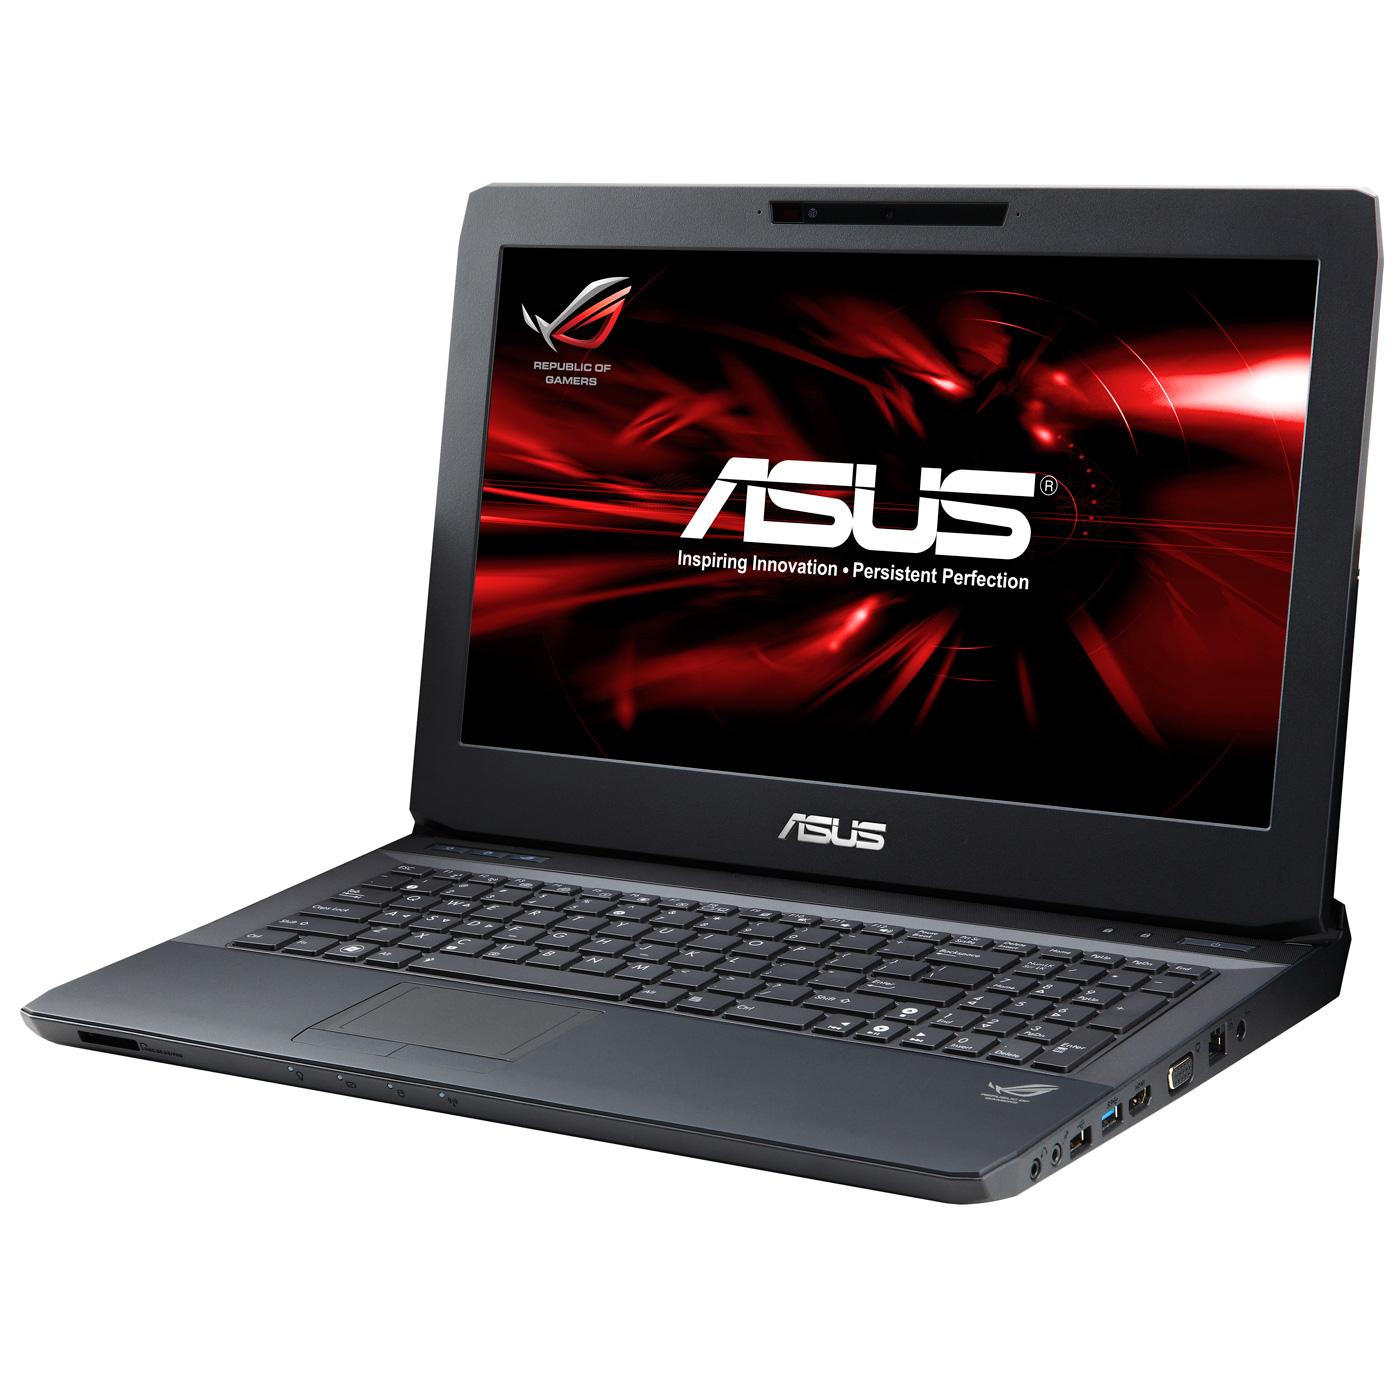 """PC portable ASUS G53SX-SX116V Intel Core i5-2430M 6 Go 750 Go 15.6"""" LED NVIDIA GeForce GTX 560M Graveur DVD Wi-Fi N/BT Webcam Windows 7 Premium 64 bits (garantie constructeur 2 ans)"""